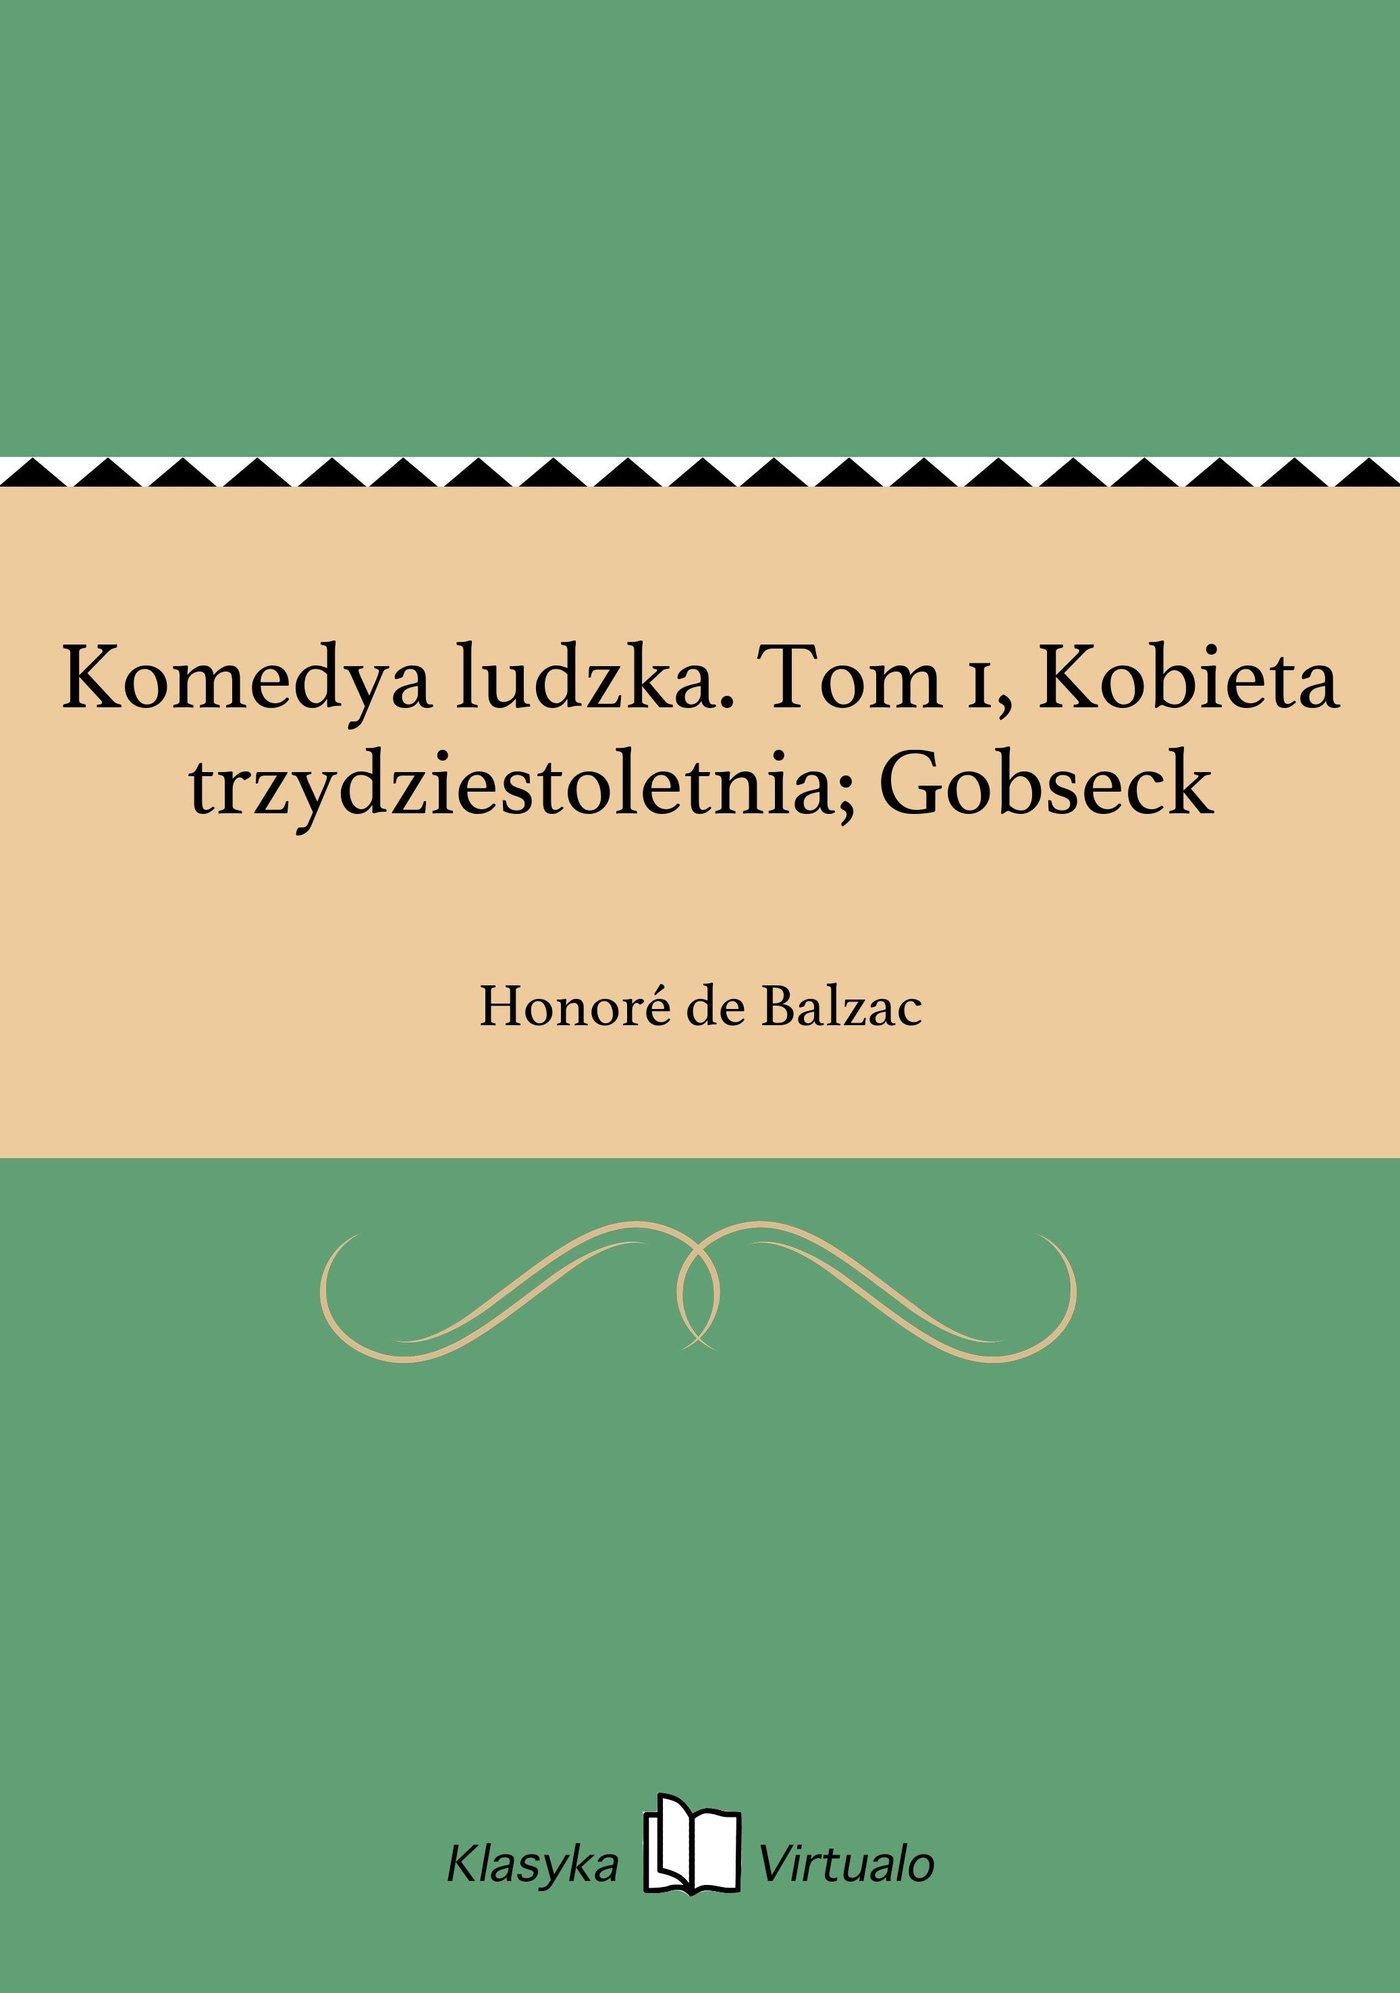 Komedya ludzka. Tom 1, Kobieta trzydziestoletnia; Gobseck - Ebook (Książka EPUB) do pobrania w formacie EPUB